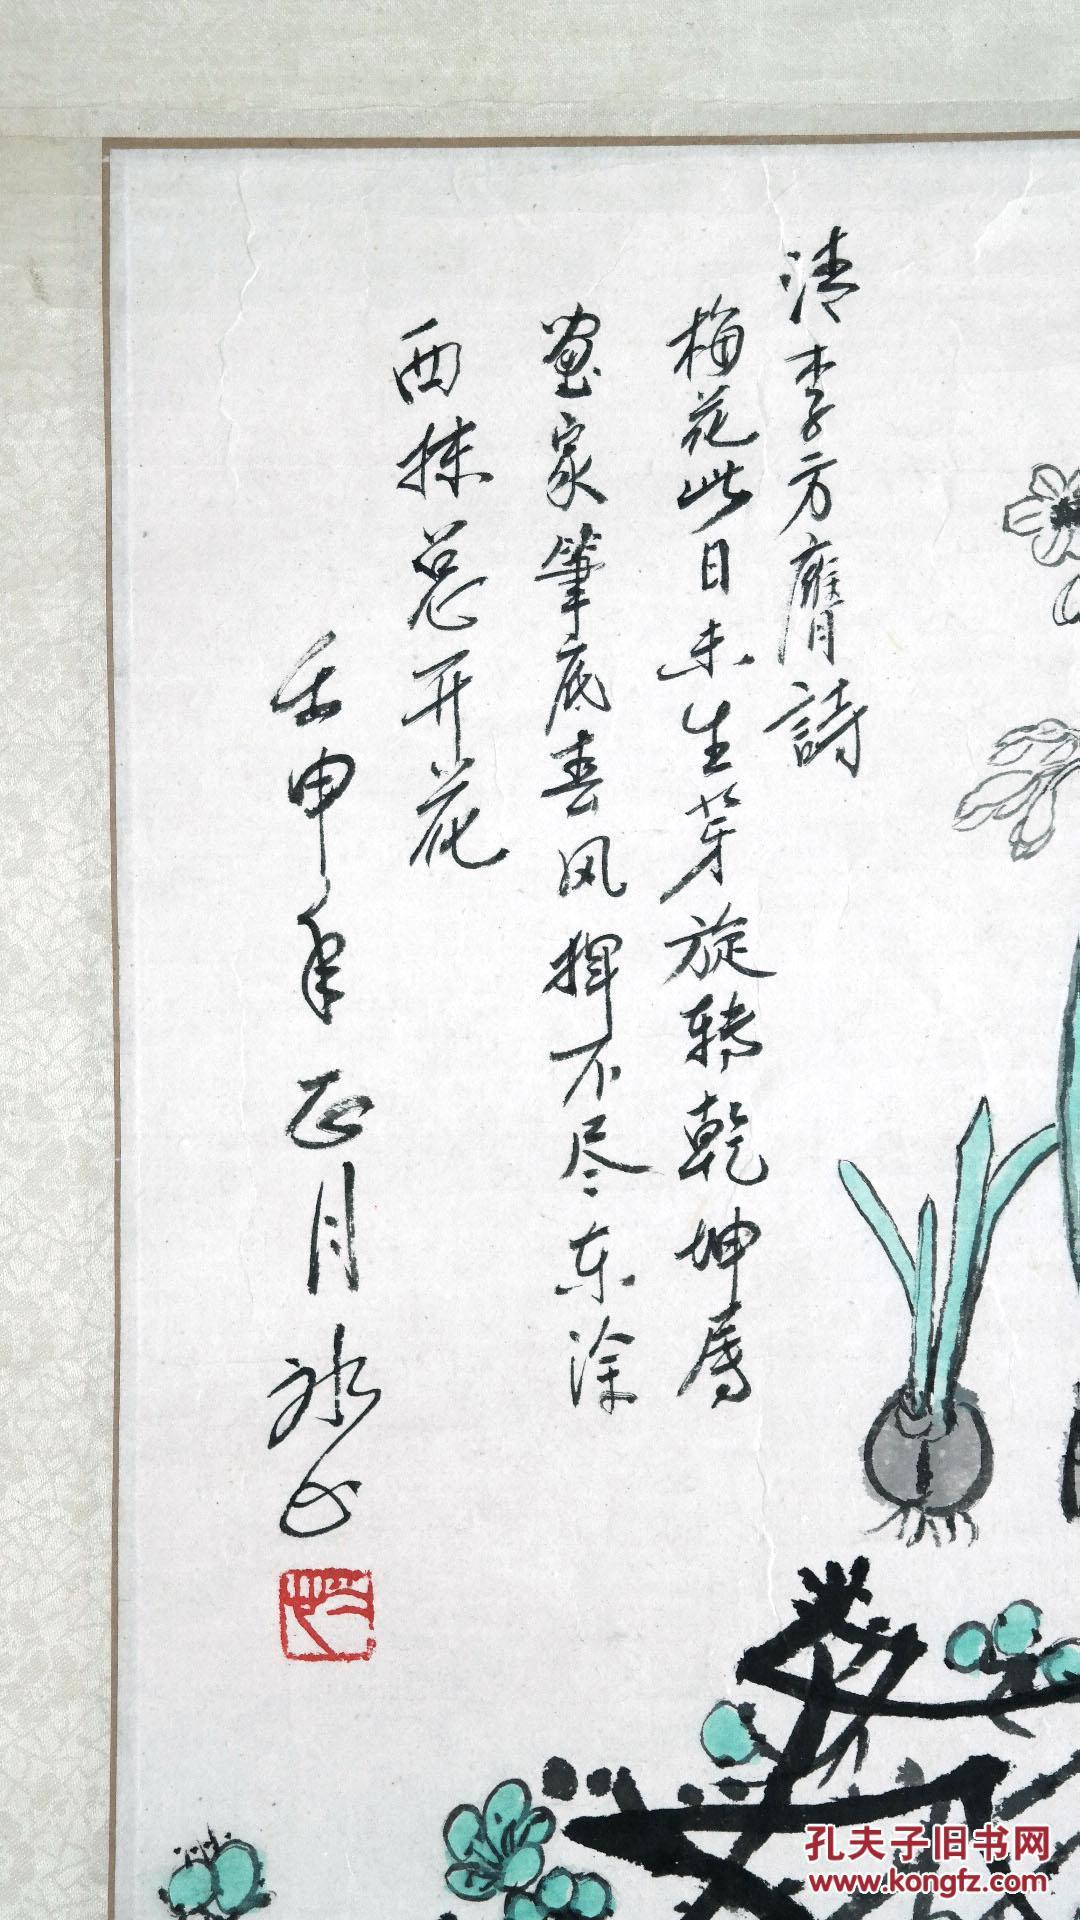 已故近现代文学家 冰心 1992年绘 花卉画 原裱旧镜心...